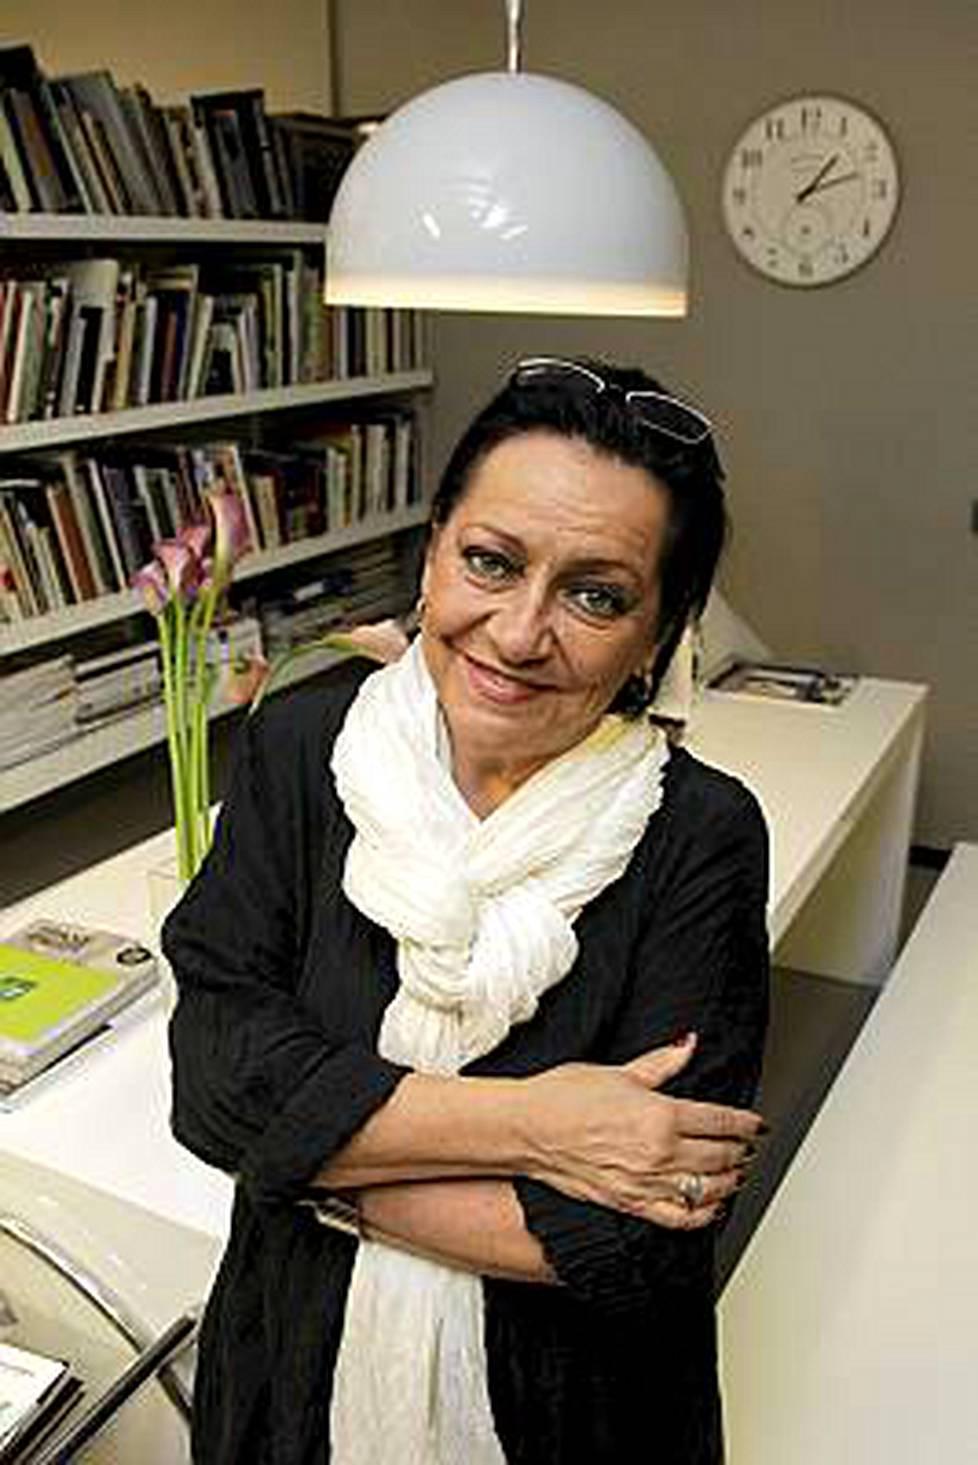 Sisustussuunnittelija Kaisa Blomstedt on nähnyt suomalaisen sisustuksen muutokset - Asuminen ...